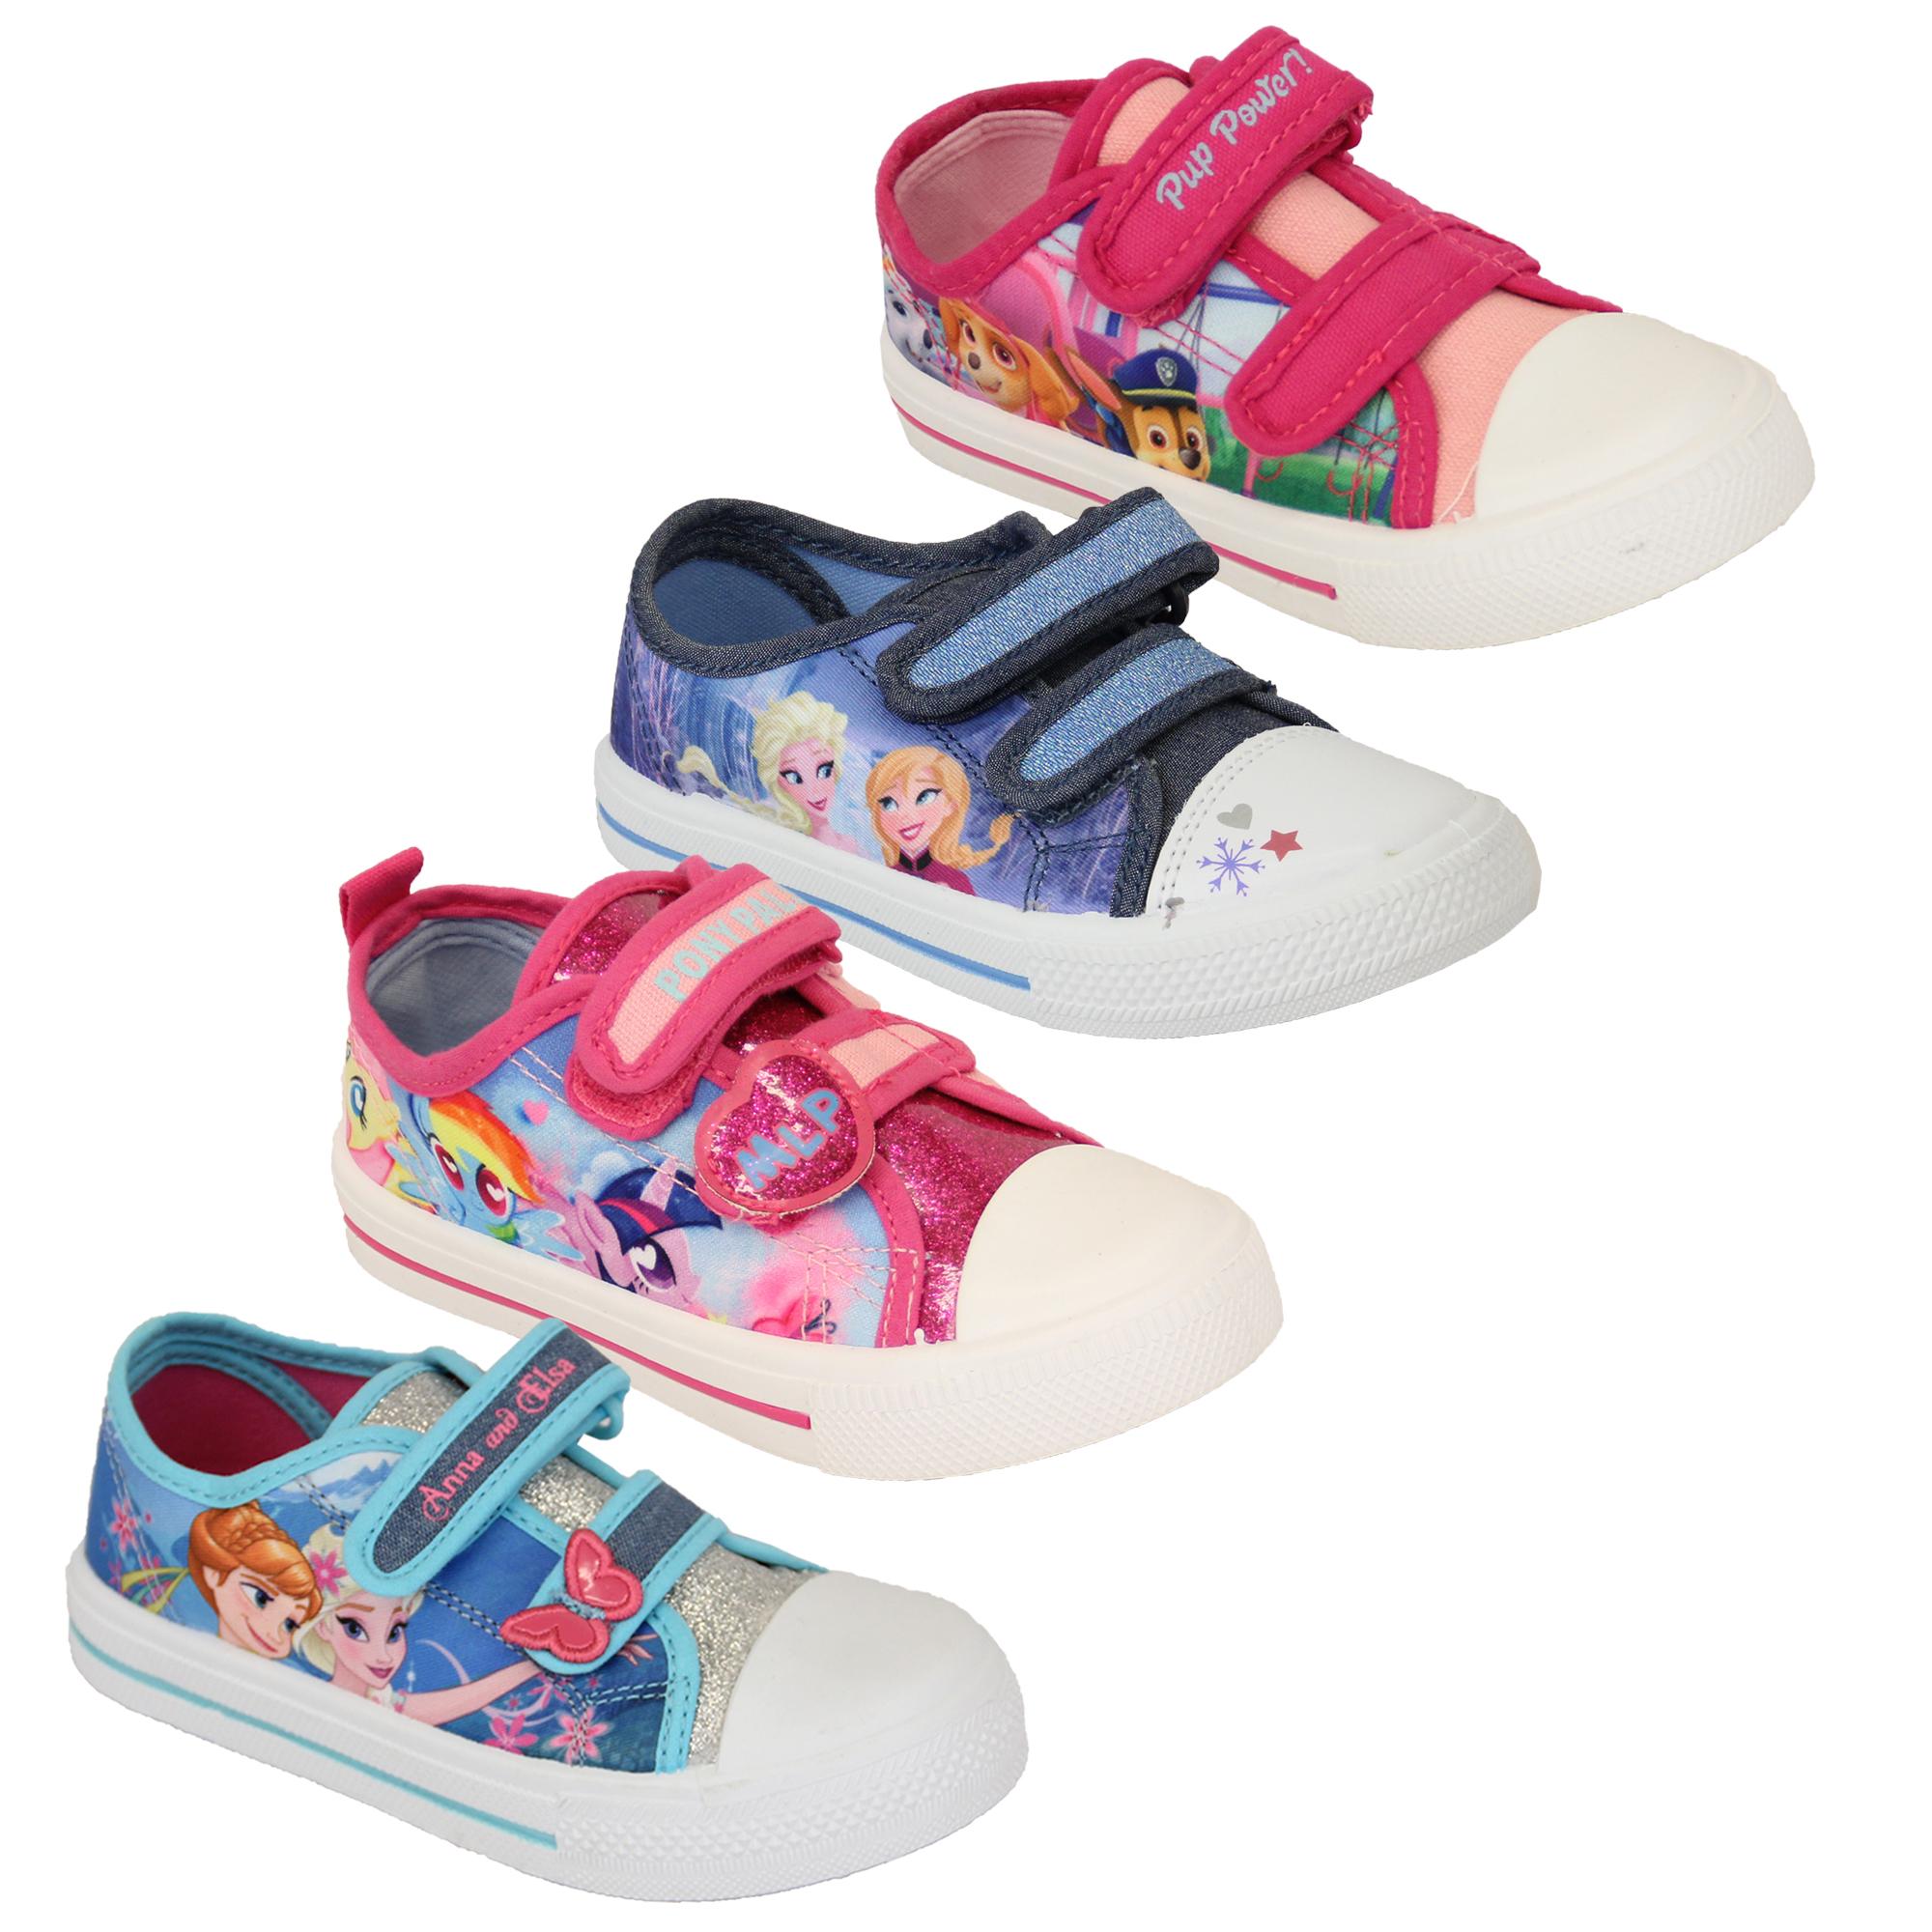 a5dae0ddfcb4 Con estilo congelado mi pequeño Pony pata patrulla zapatos las niñas